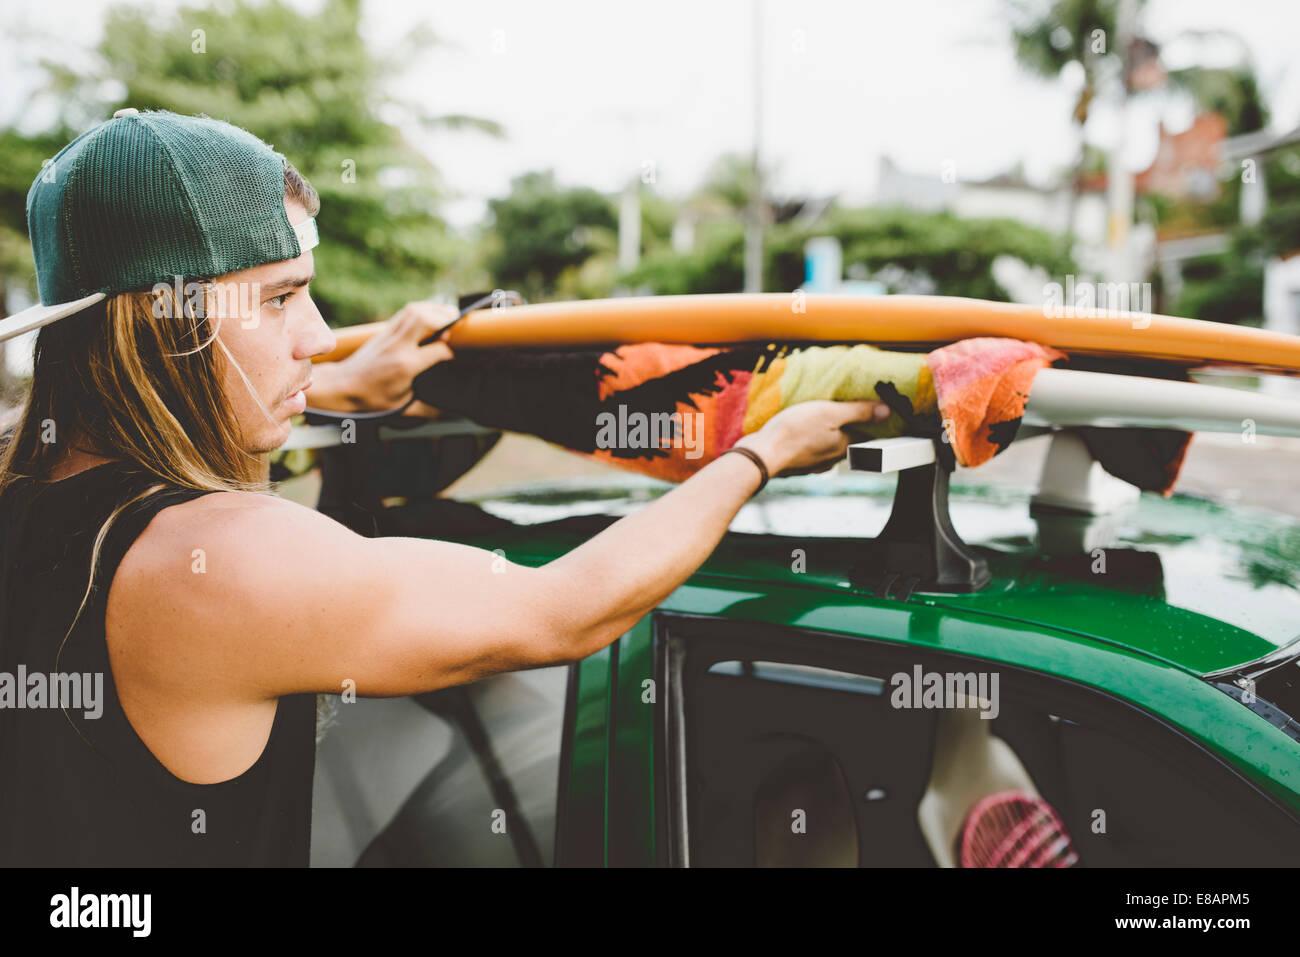 Surfista australiano prepararse para el viaje Imagen De Stock